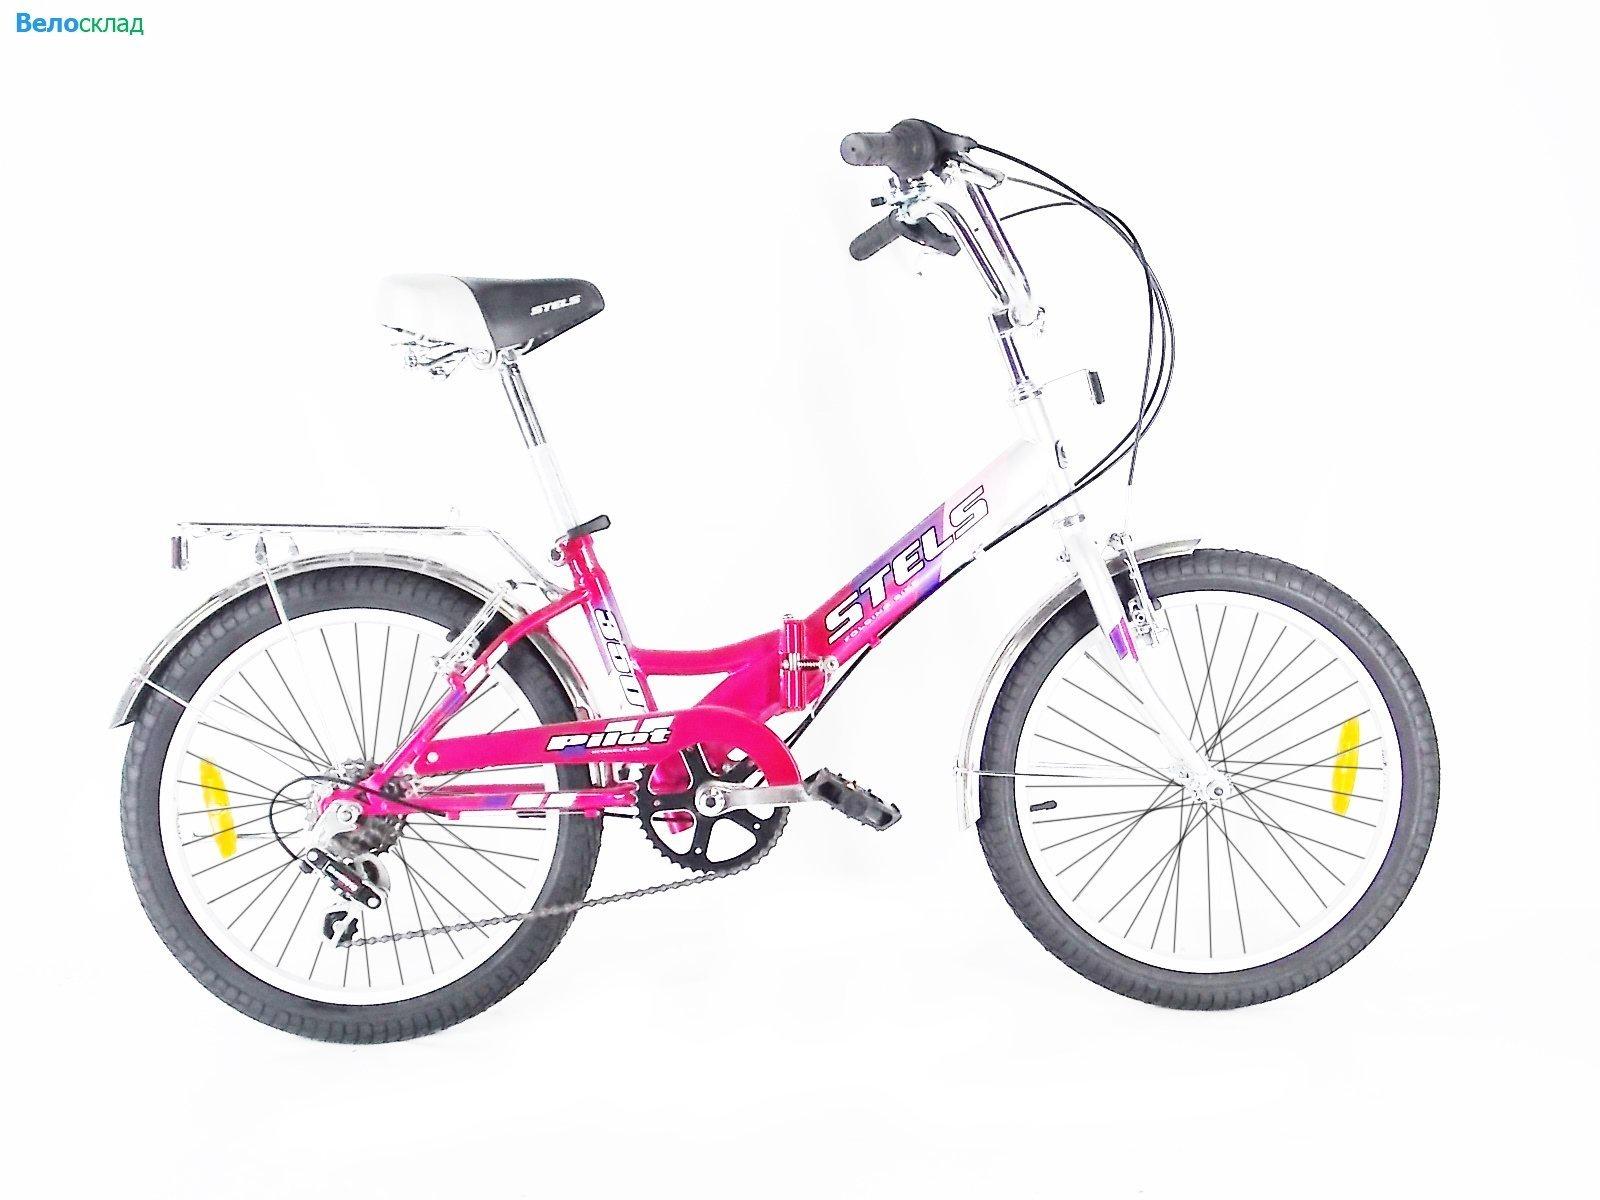 все цены на Велосипед Stels Pilot-350, розовый, серебристый онлайн